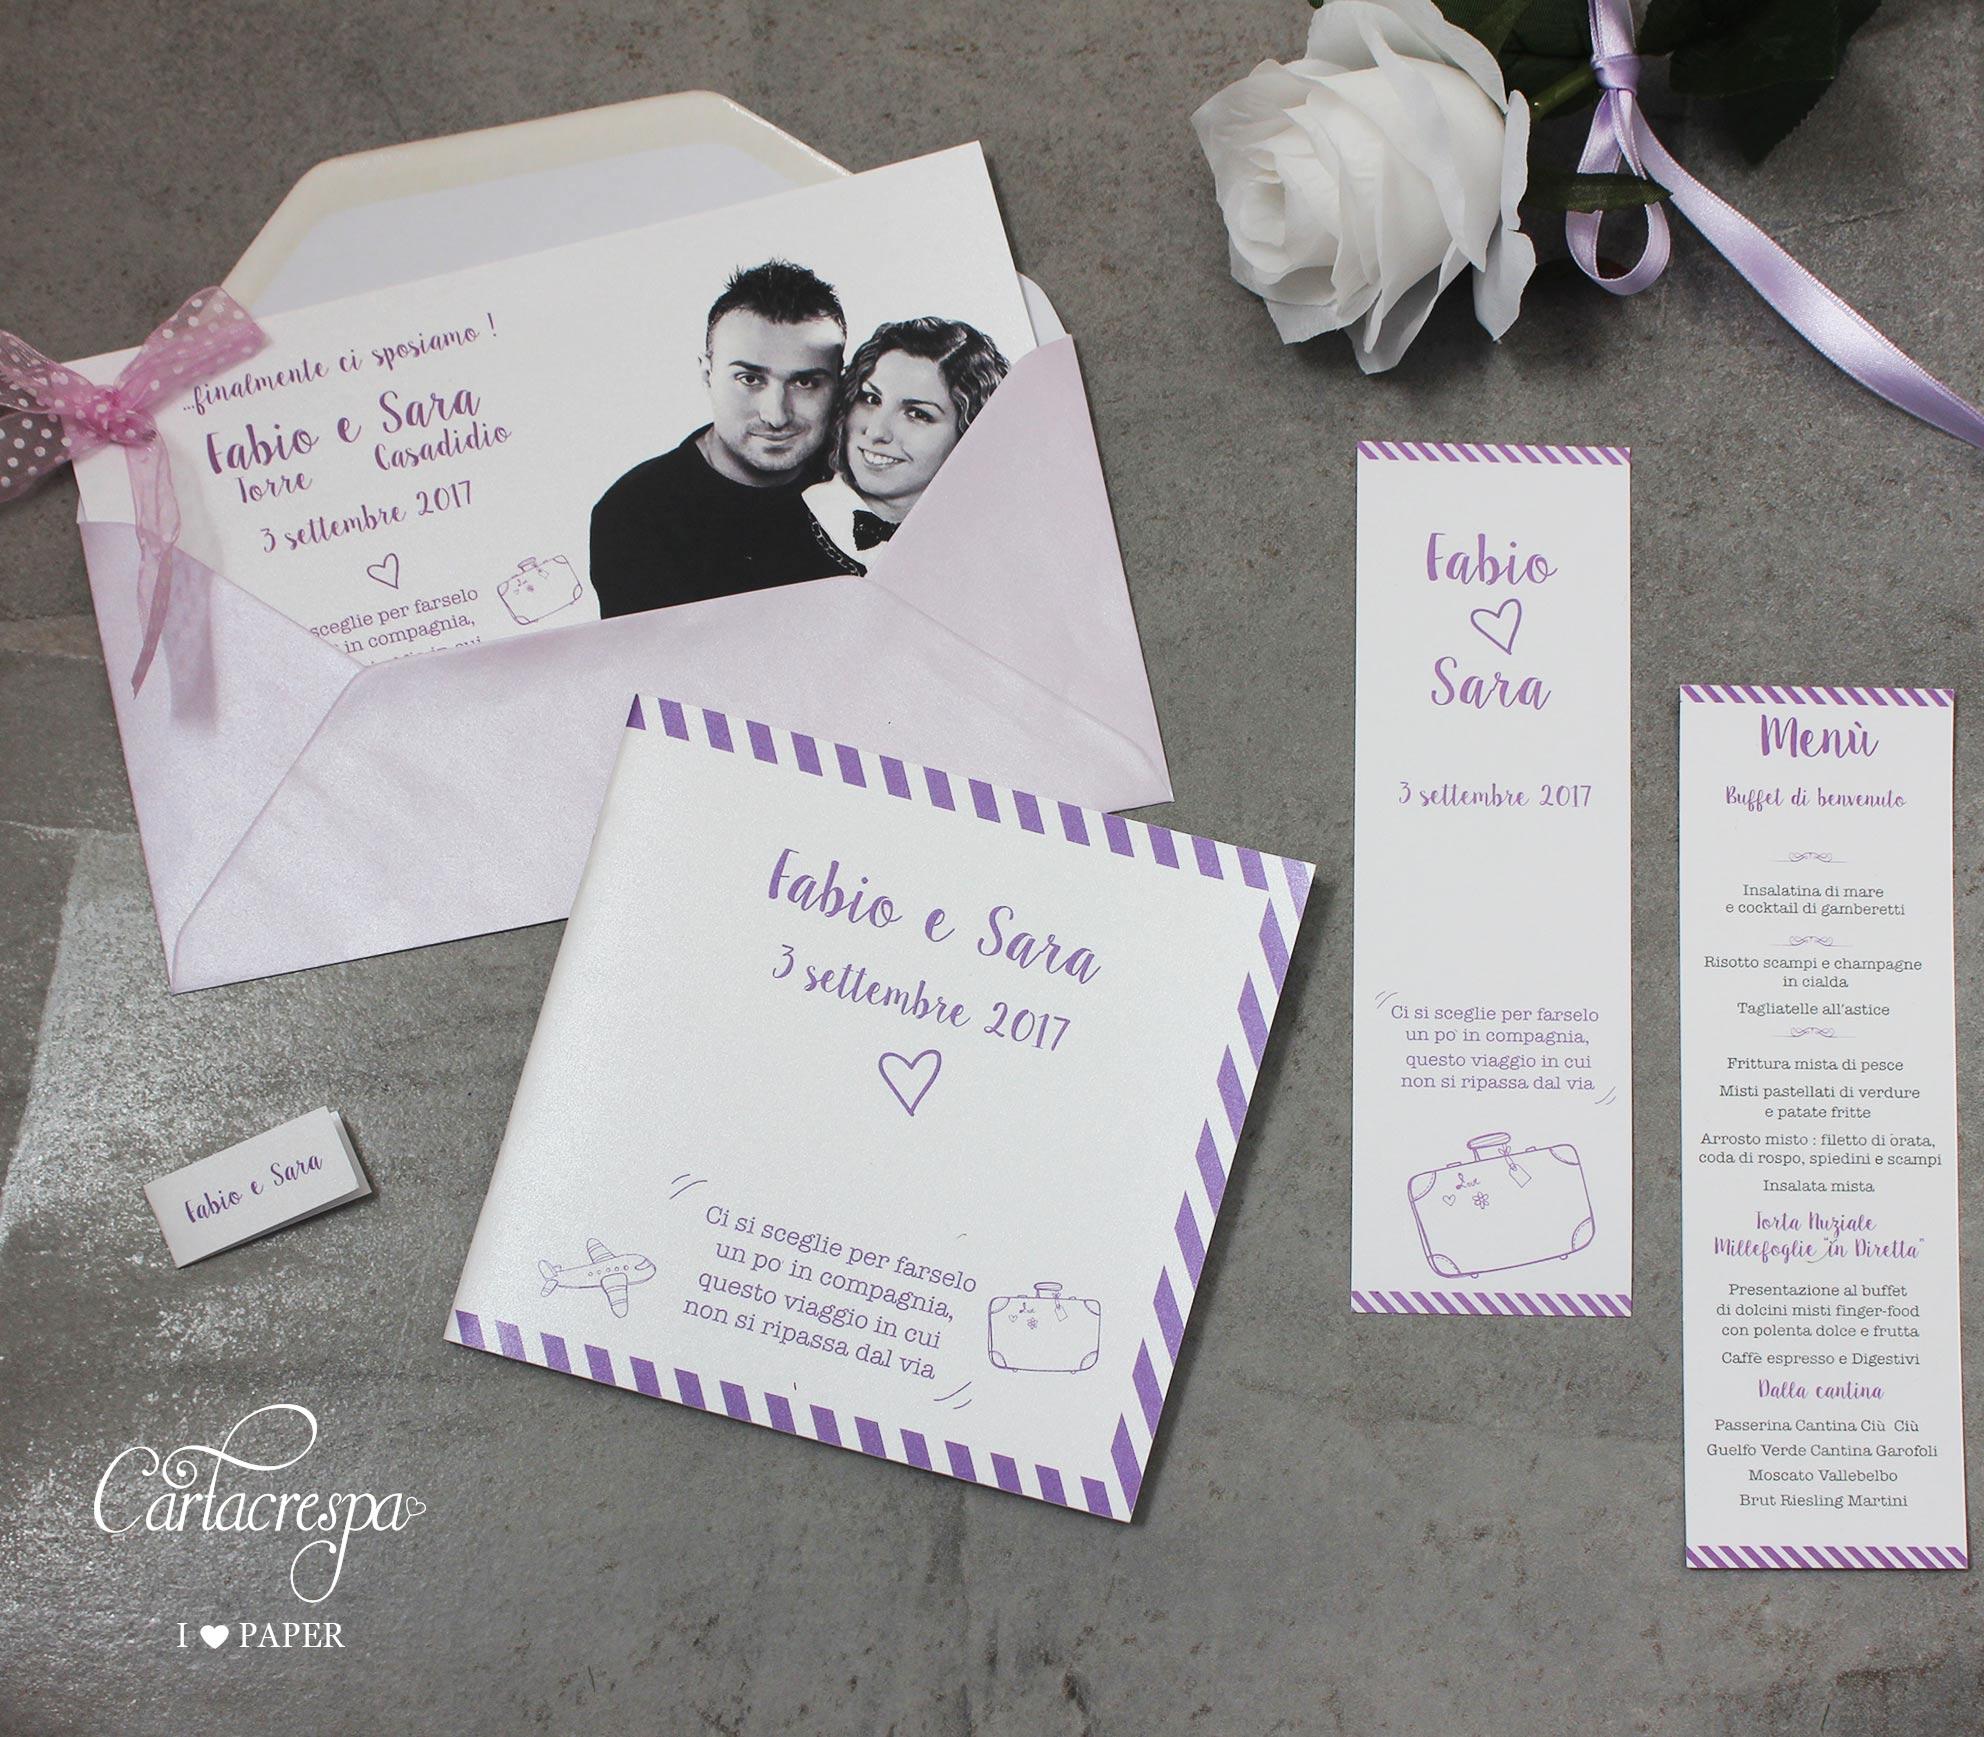 Frasi Matrimonio Sul Viaggio.Un Coordinato Partecipazioni A Tema Viaggio Dedicato A Sposi